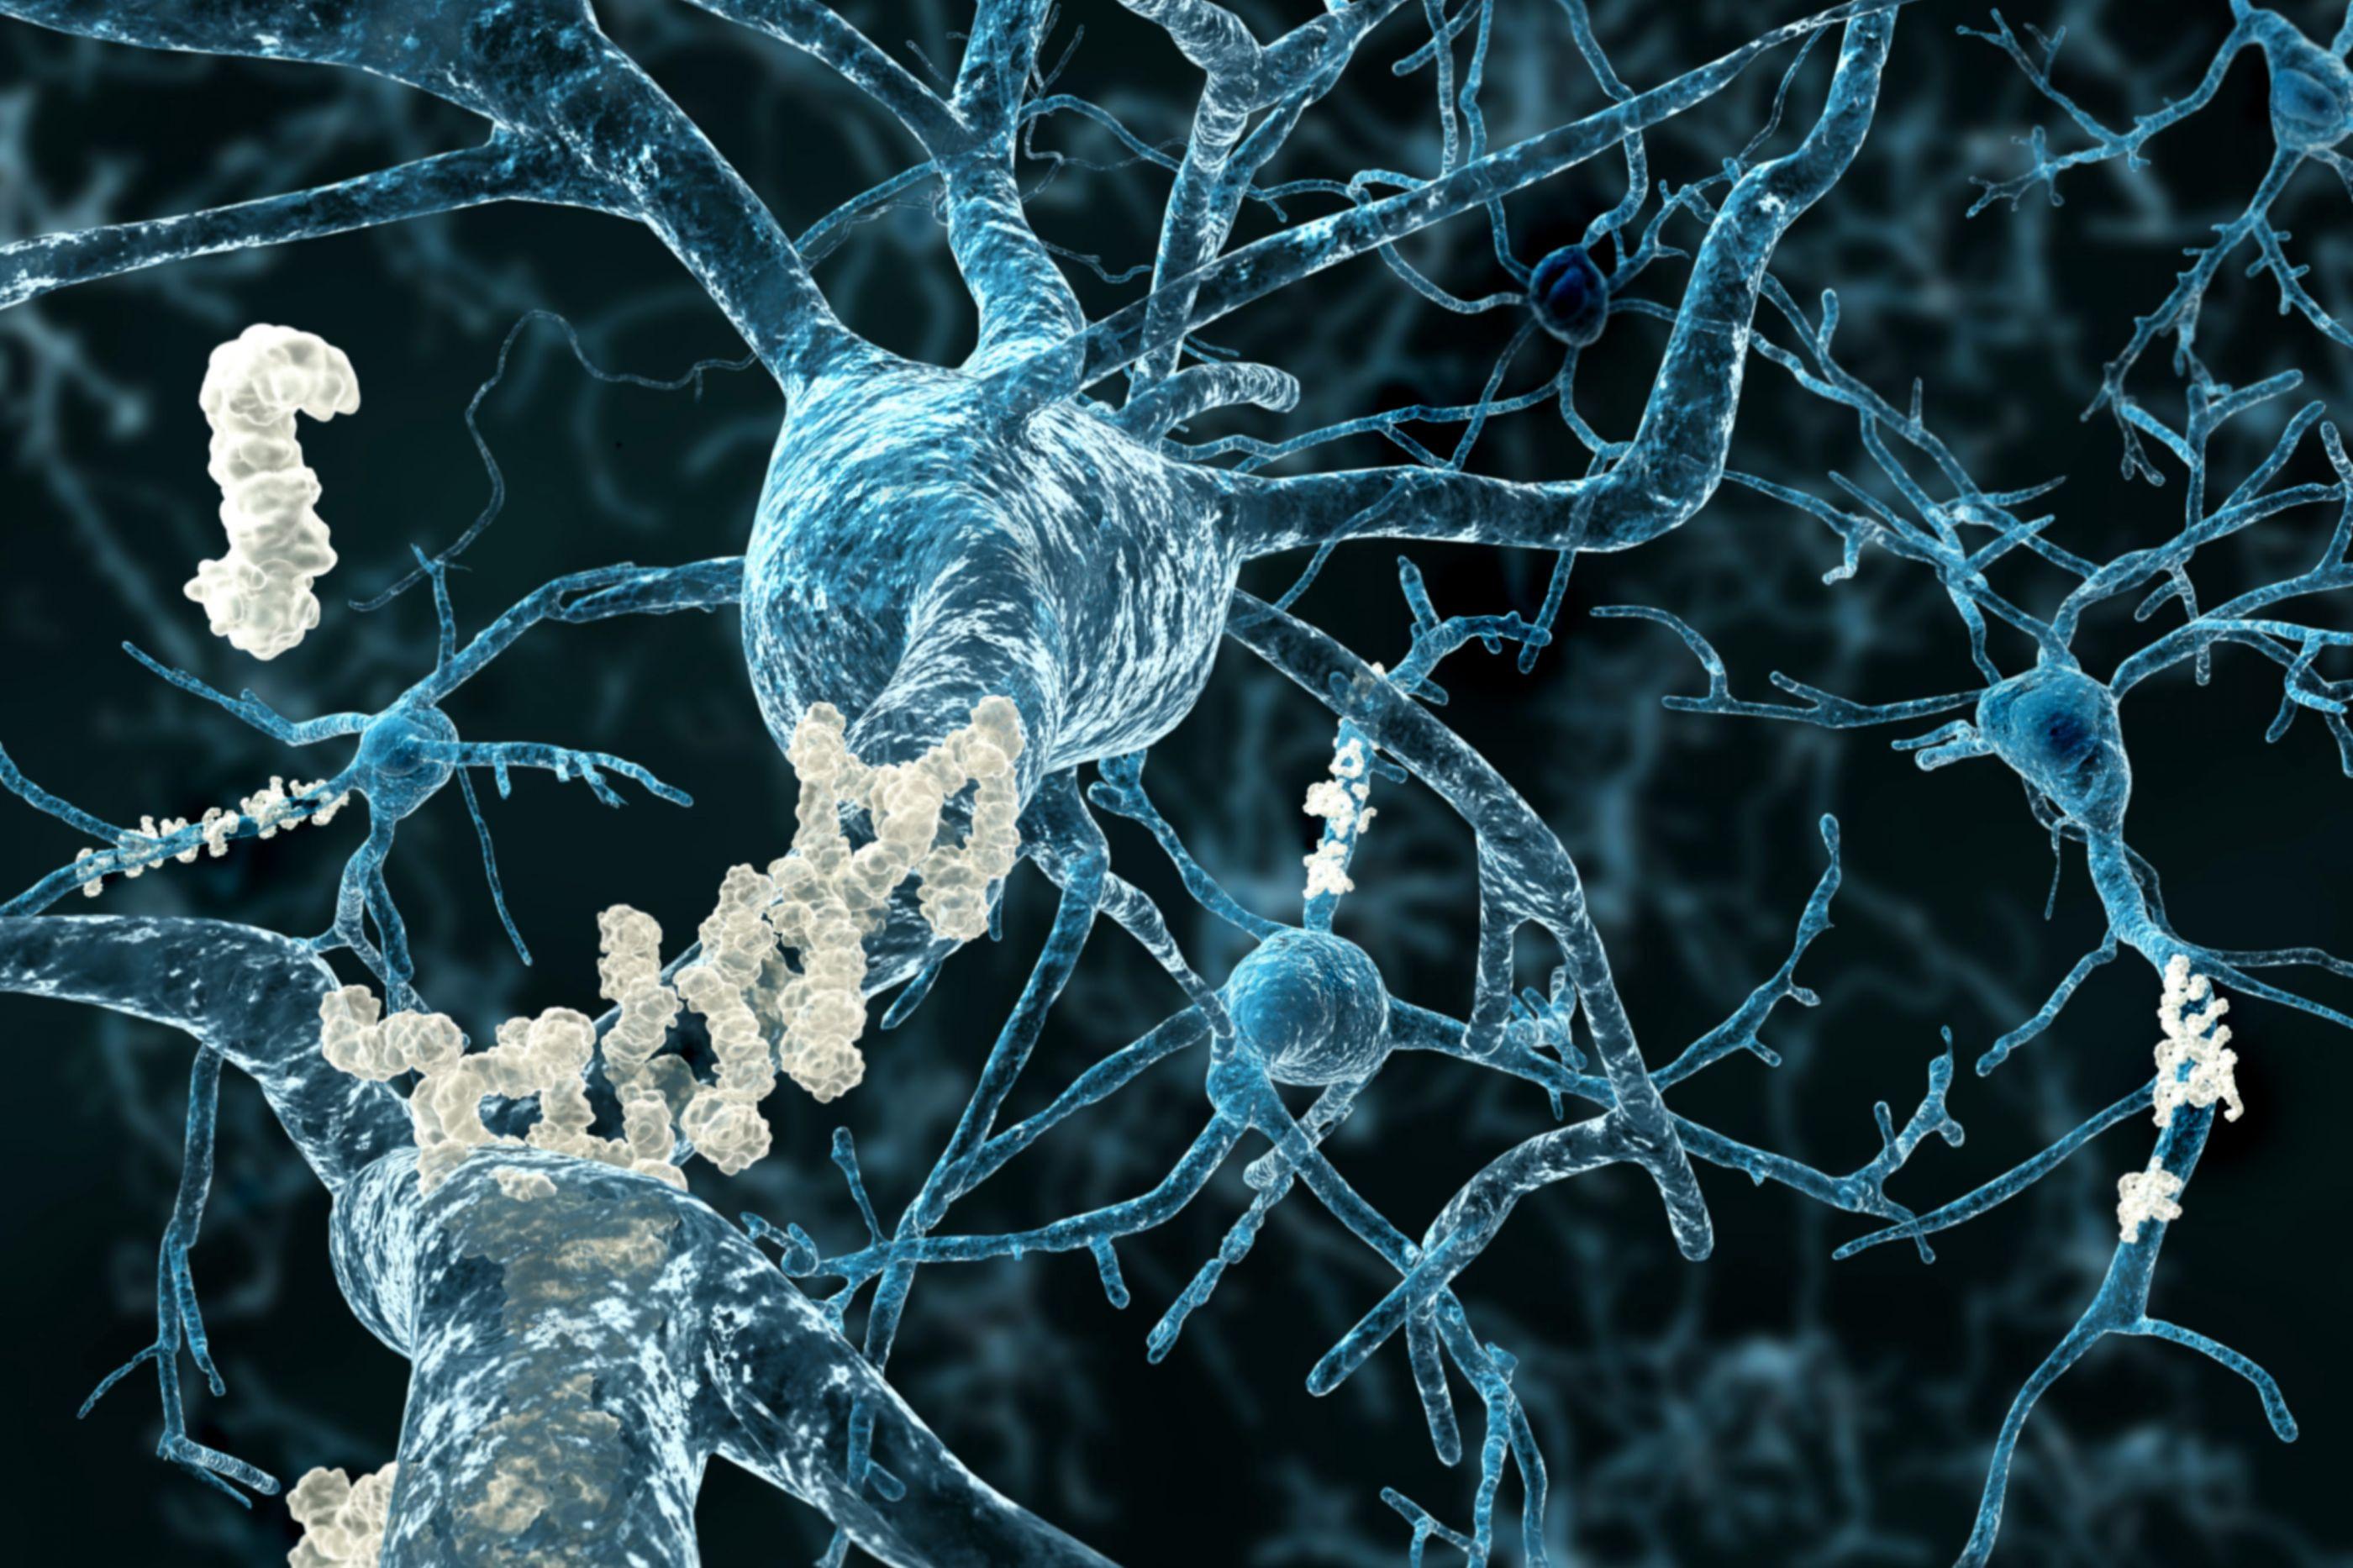 Aliado surpresa. Esta droga pode melhorar memória de doentes de Alzheimer